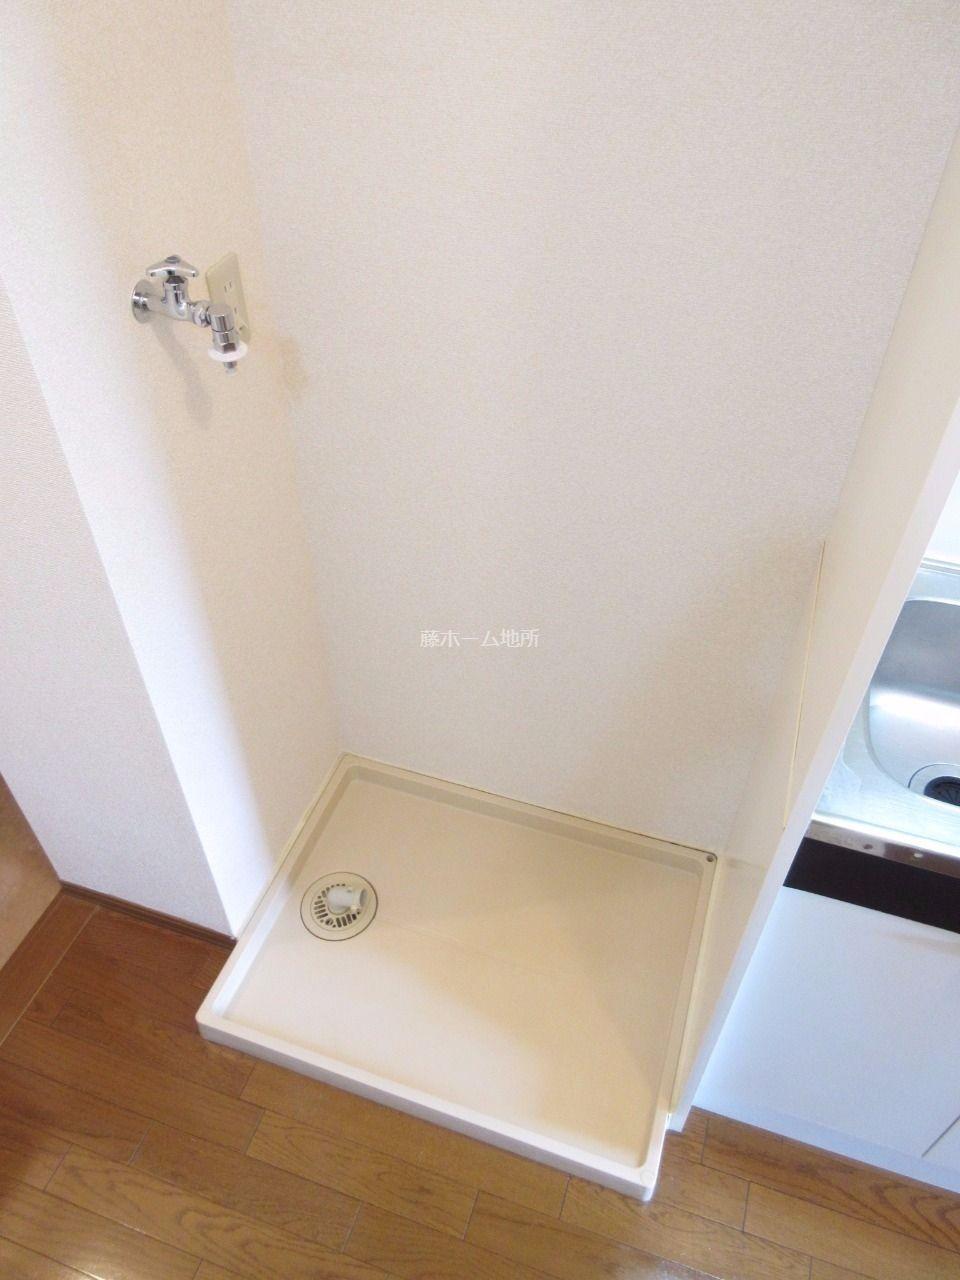 洗濯ホースが外れても安心、洗濯機置場には防水パンを設置しました